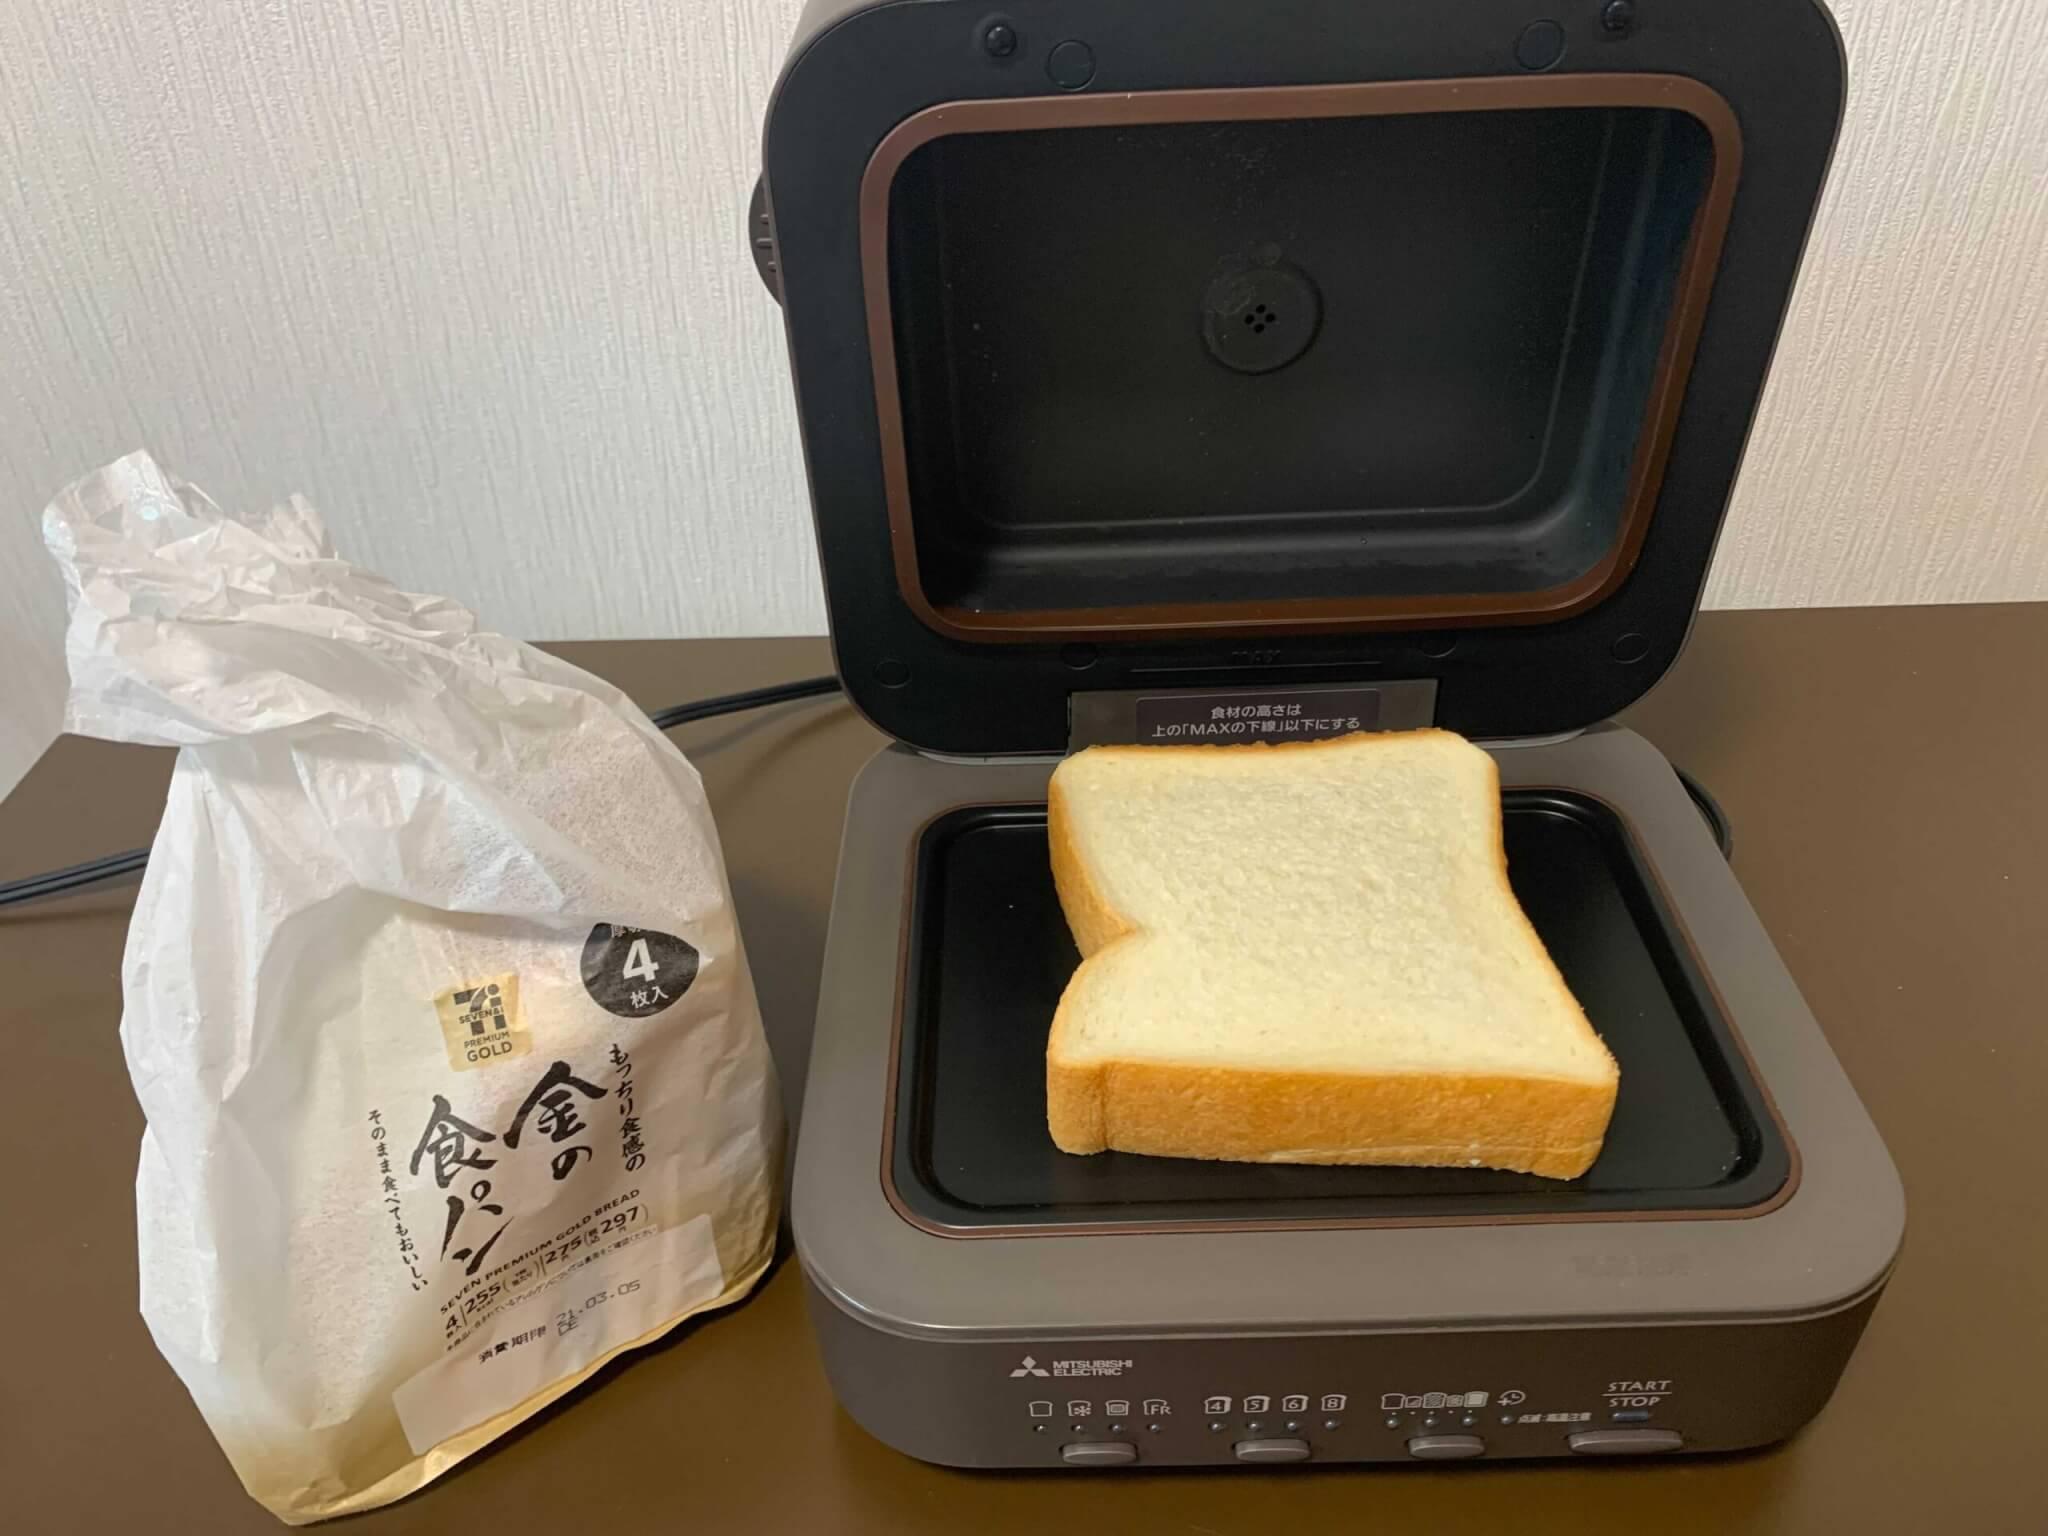 ブレッドオーブンwith金の食パン